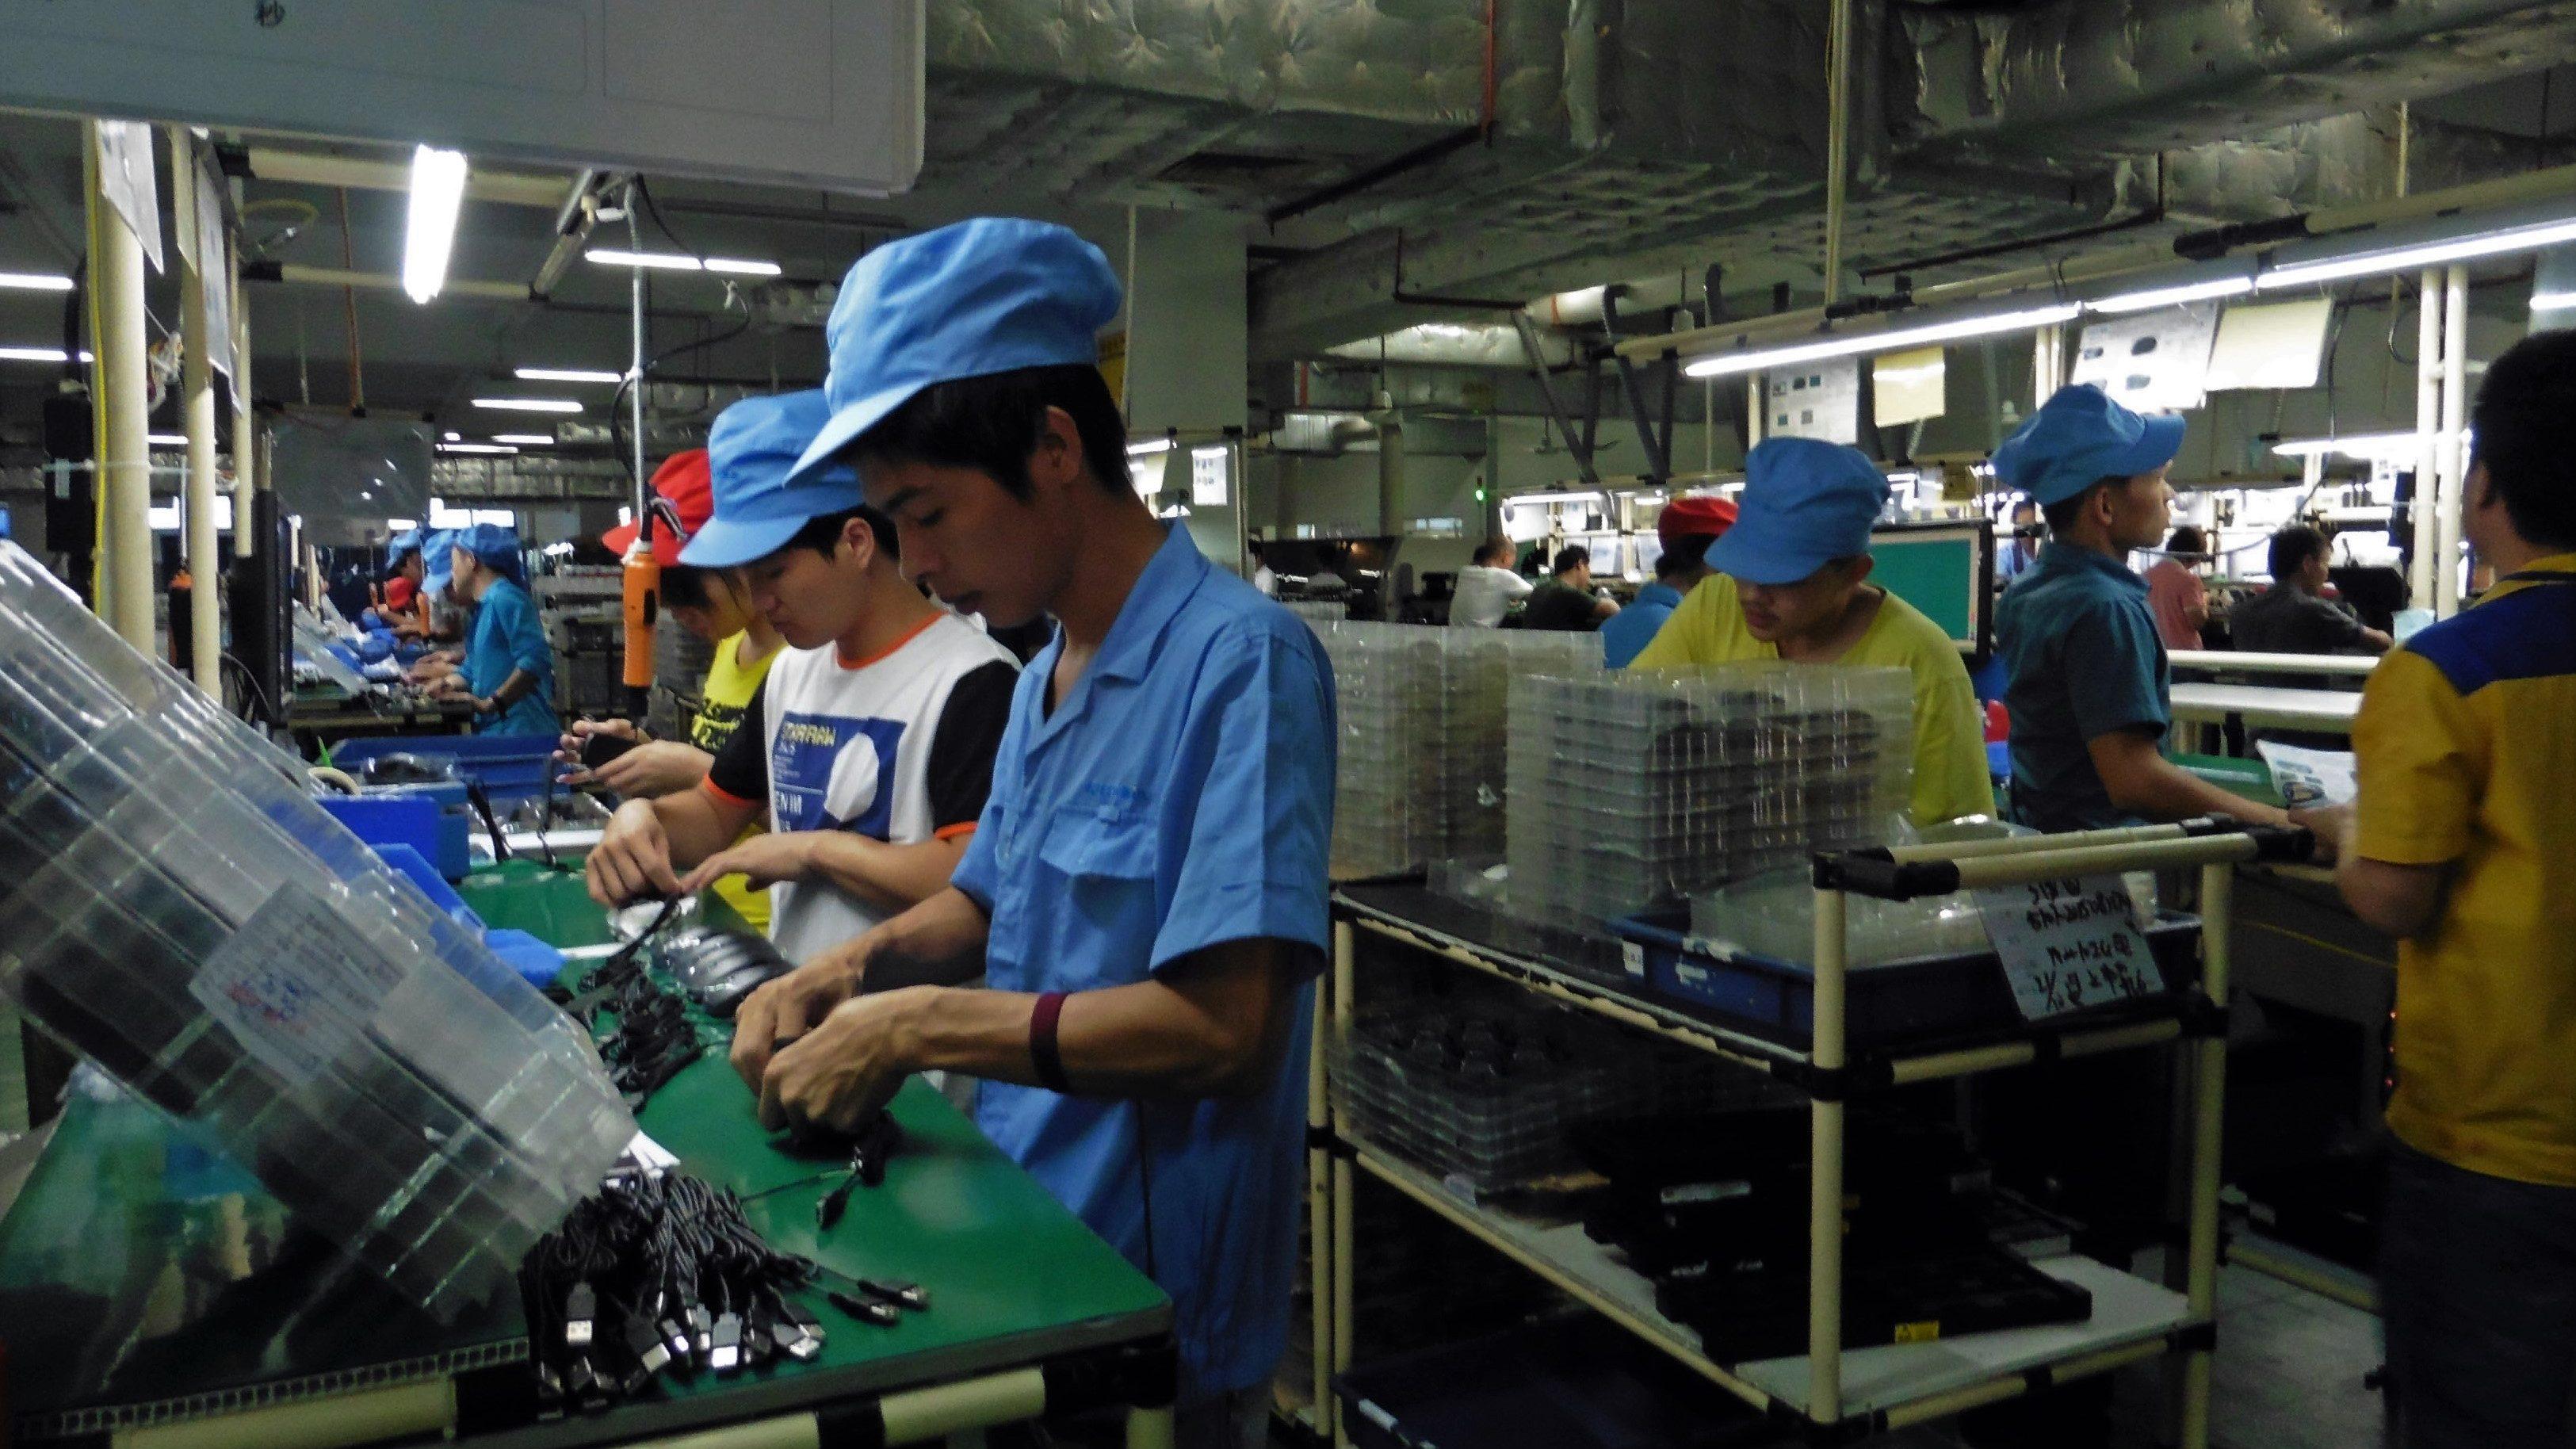 Nos smartphones sont-ils fabriqués dans des camps de travail forcé en chine?